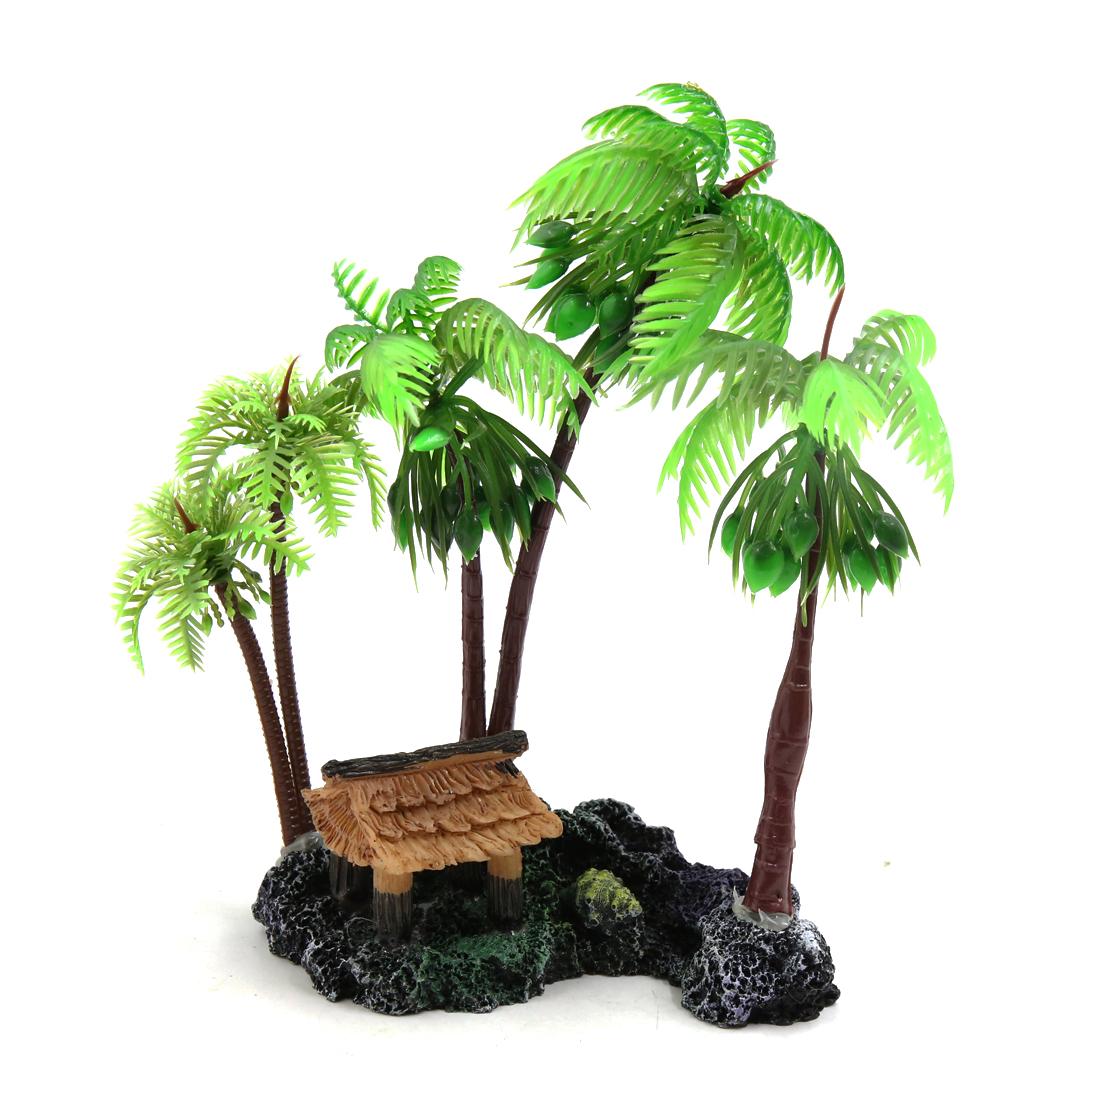 Green Plastic Coconut Tree Plant Aquatic Decor for Reptiles Amphibians